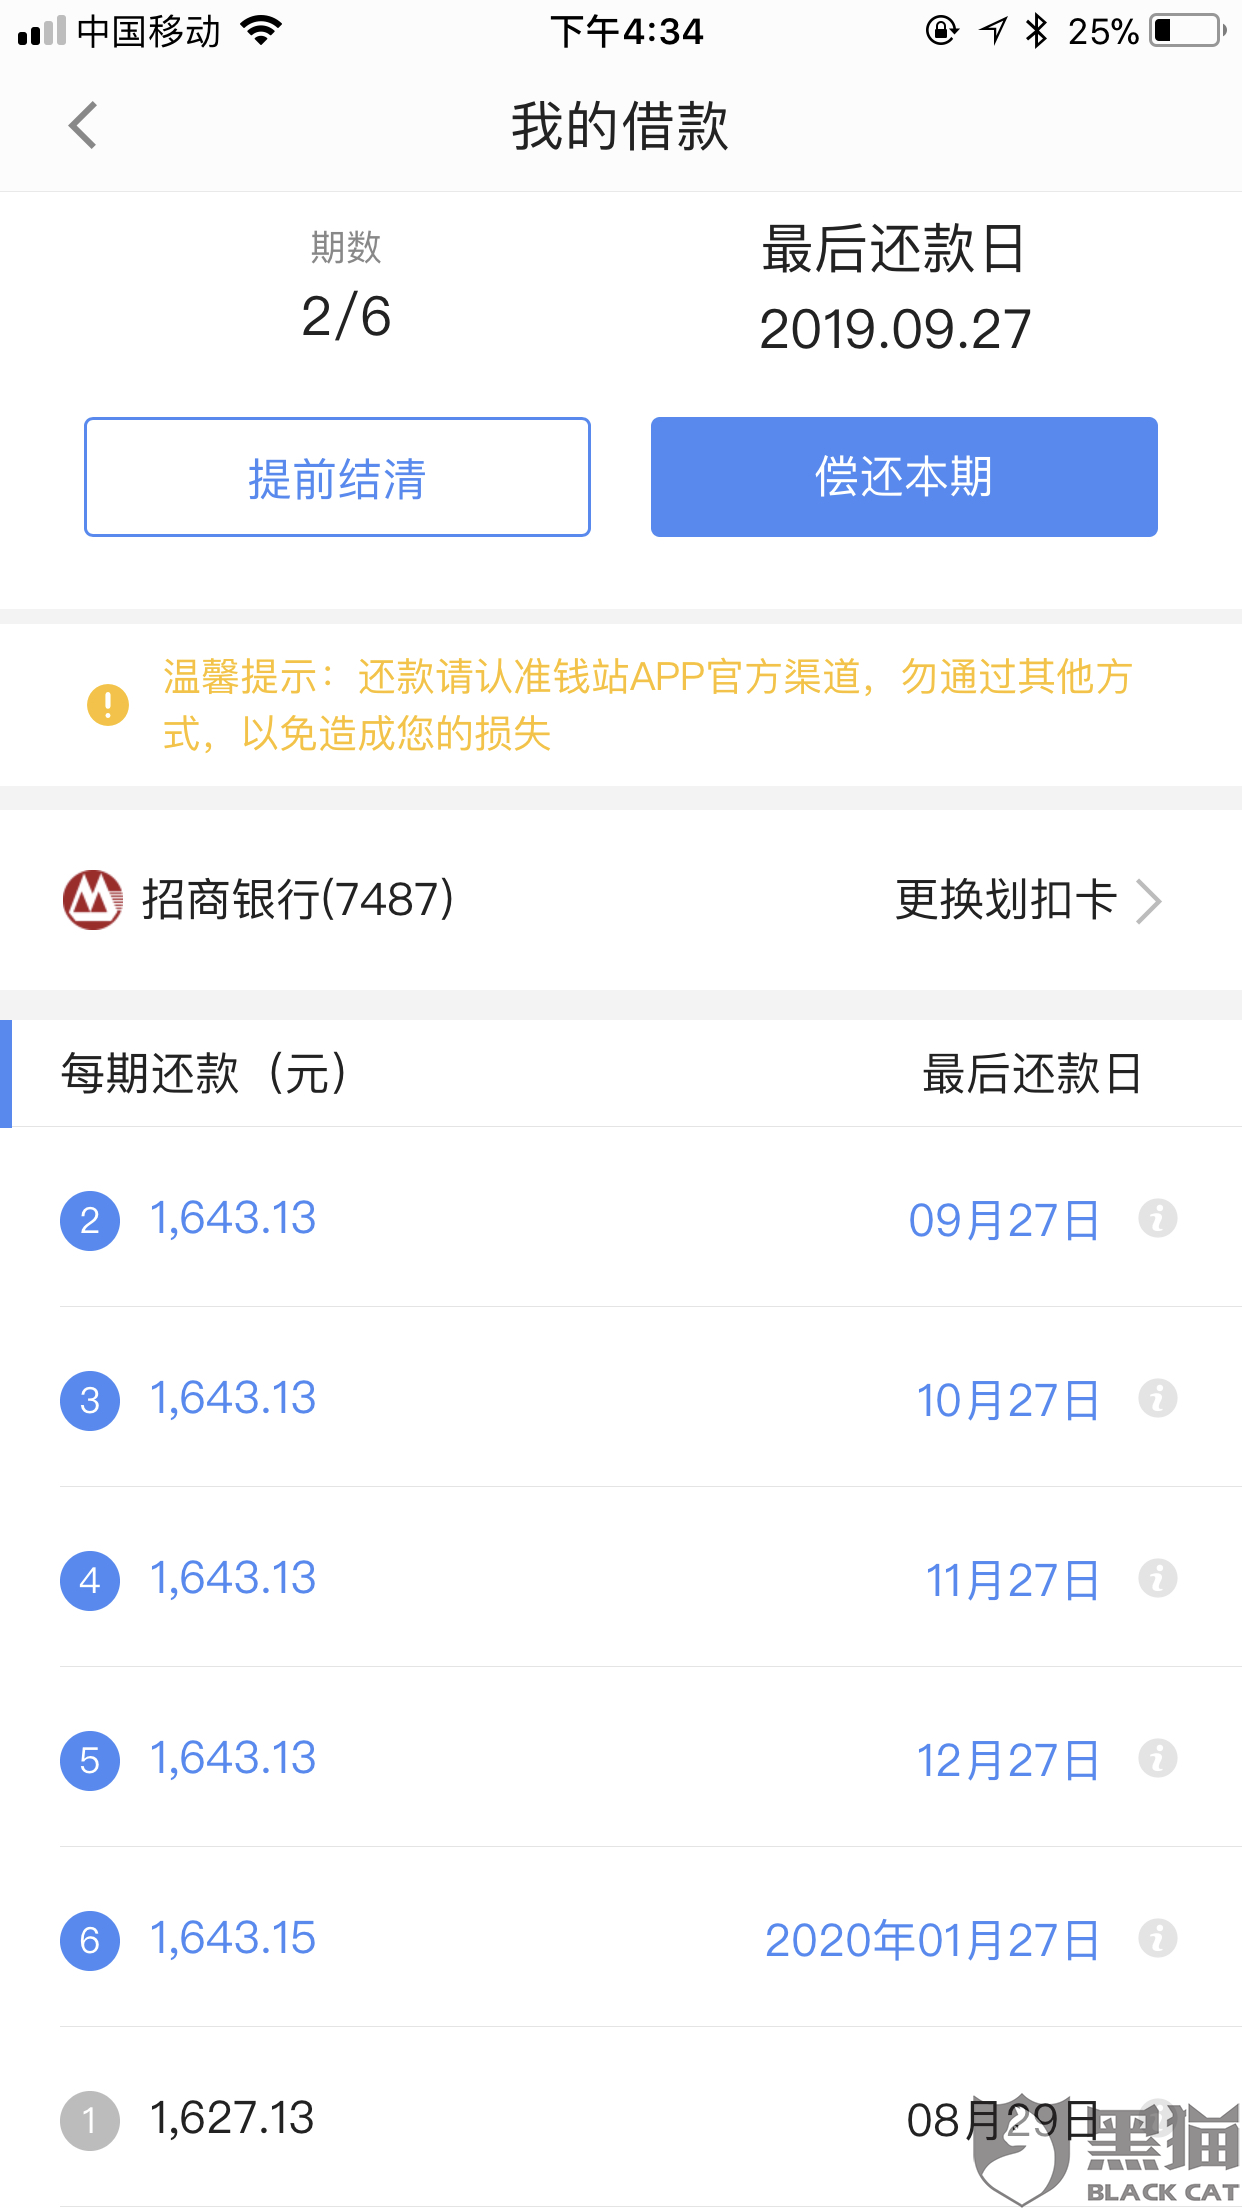 黑猫投诉:本人通过北京普惠惠民经济信息咨询有限公司钱站app借贷半年息40%一年息48%